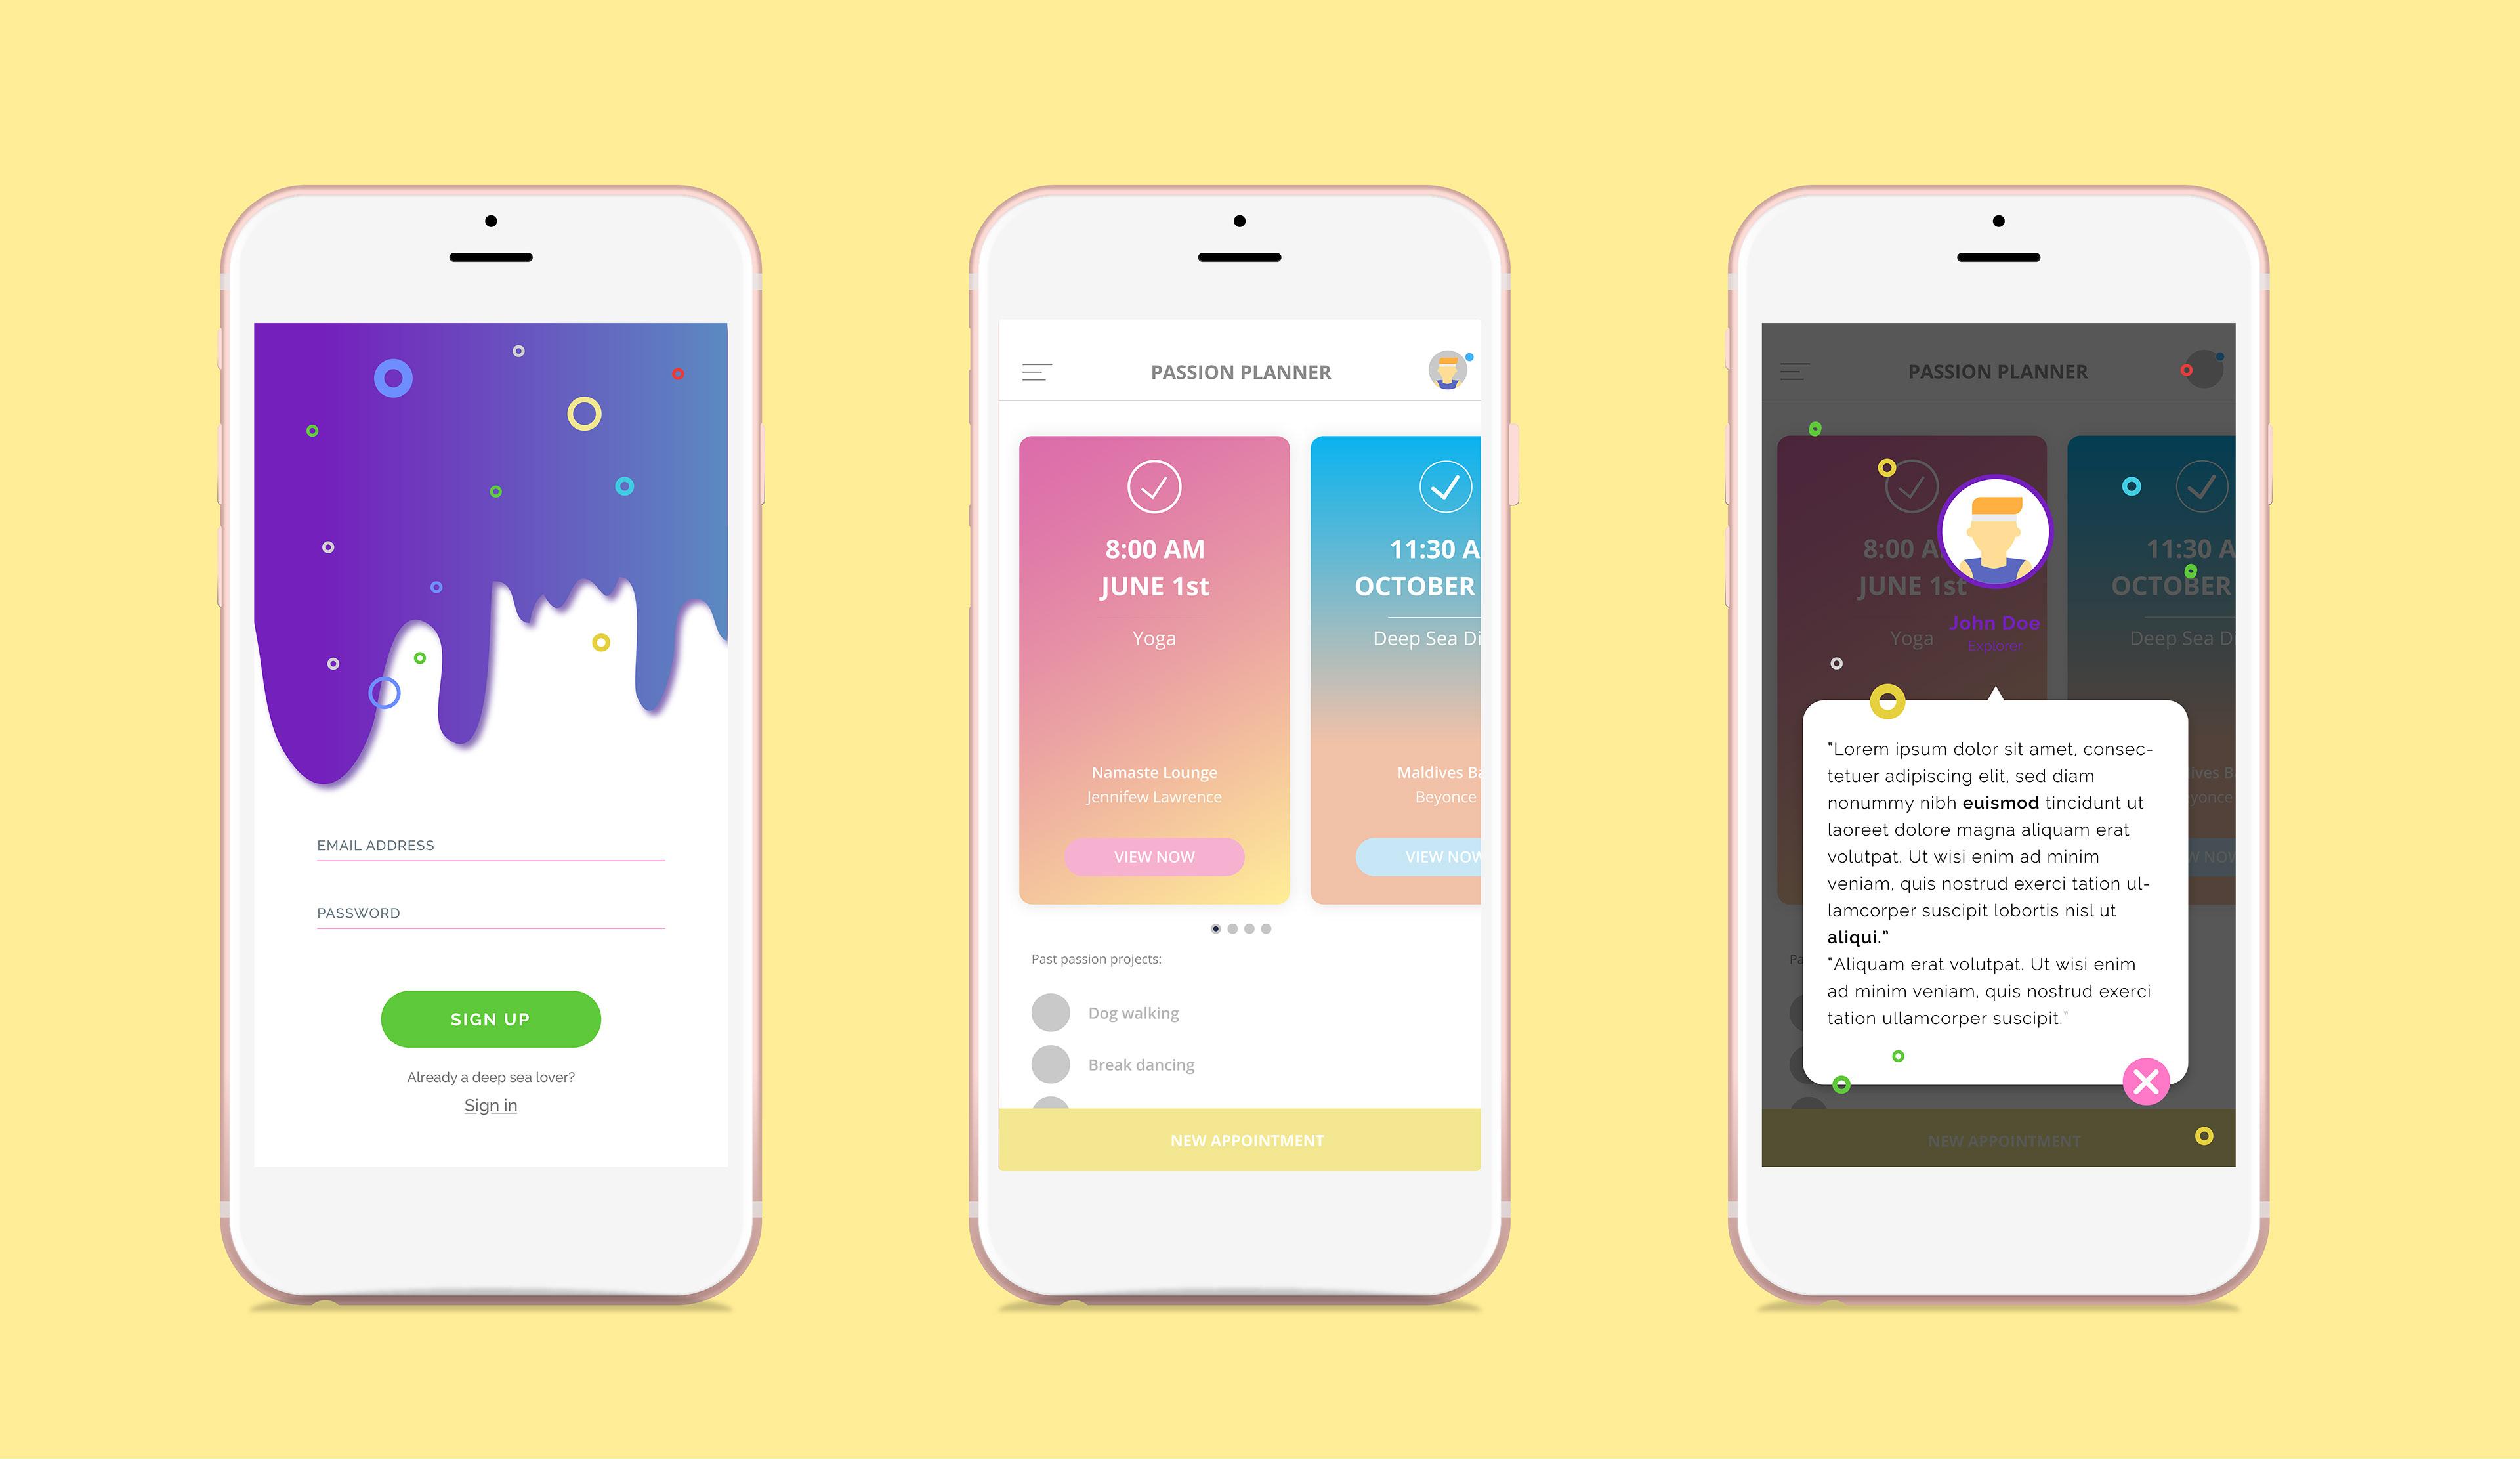 App Di Design gresshaa mehta - passion planner ui design